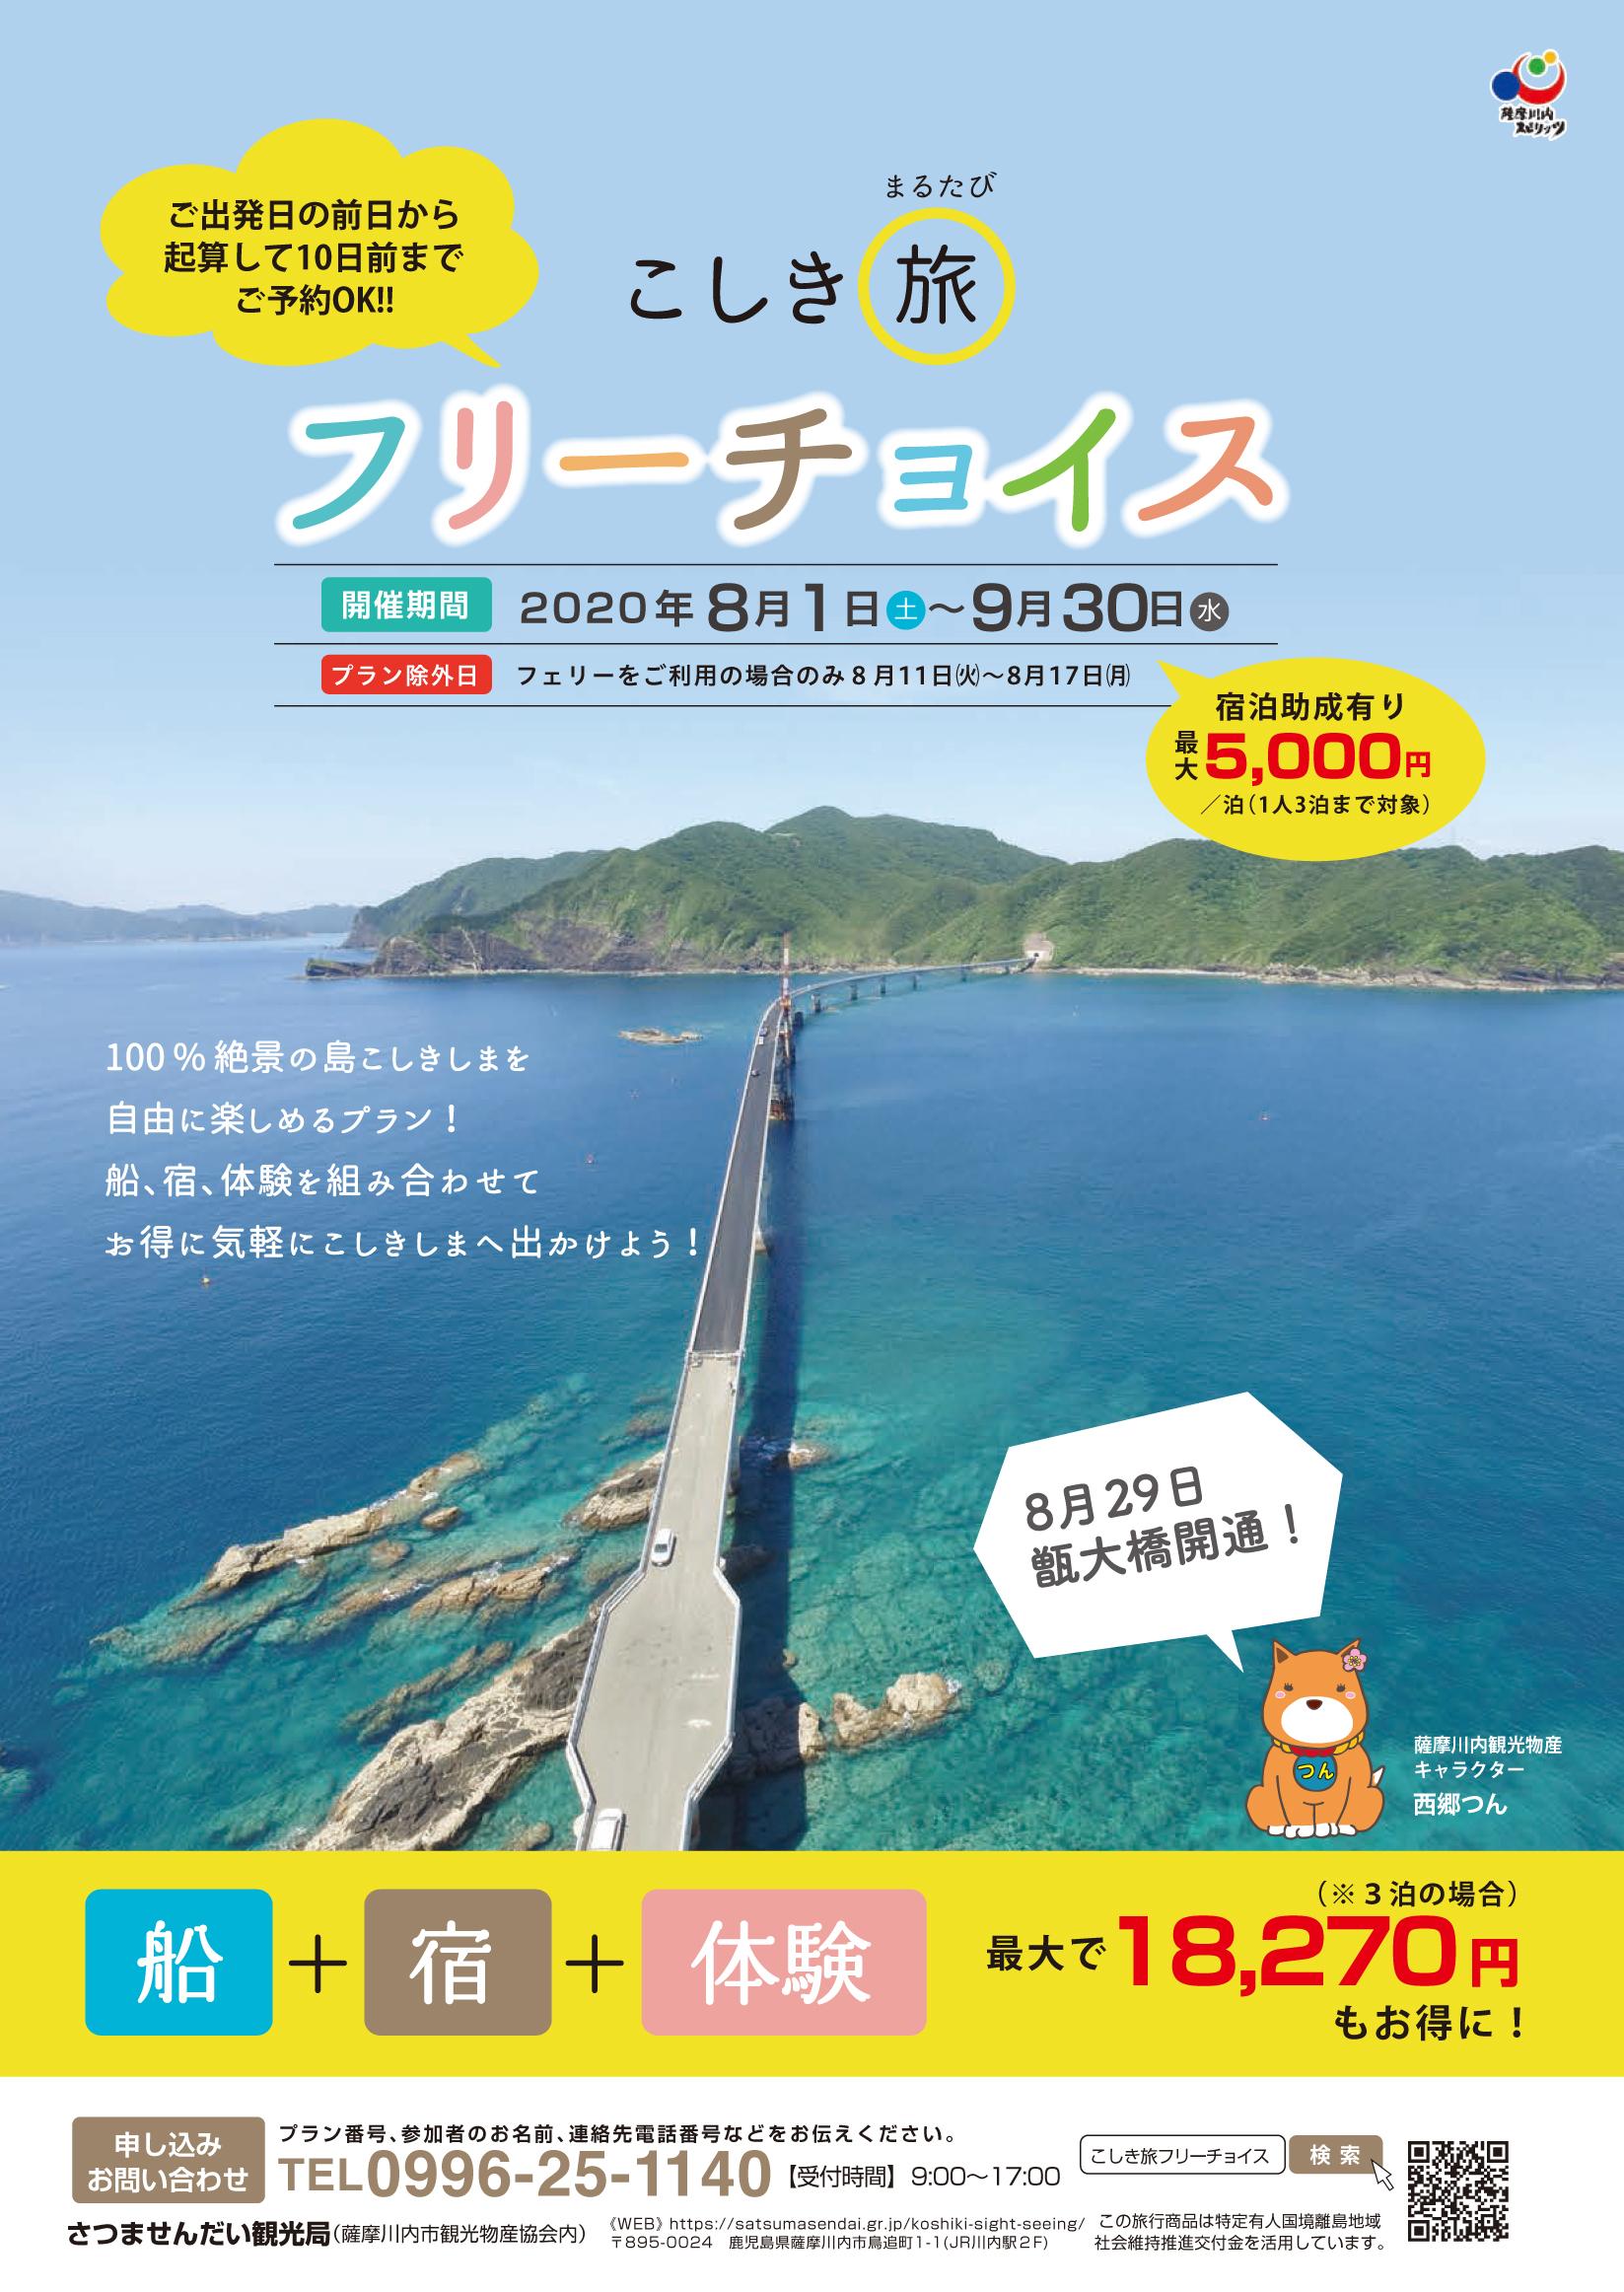 【大変お得!Go To Travel キャンペーン併用可】2020 こしきまる旅フリーチョイス 販売開始!